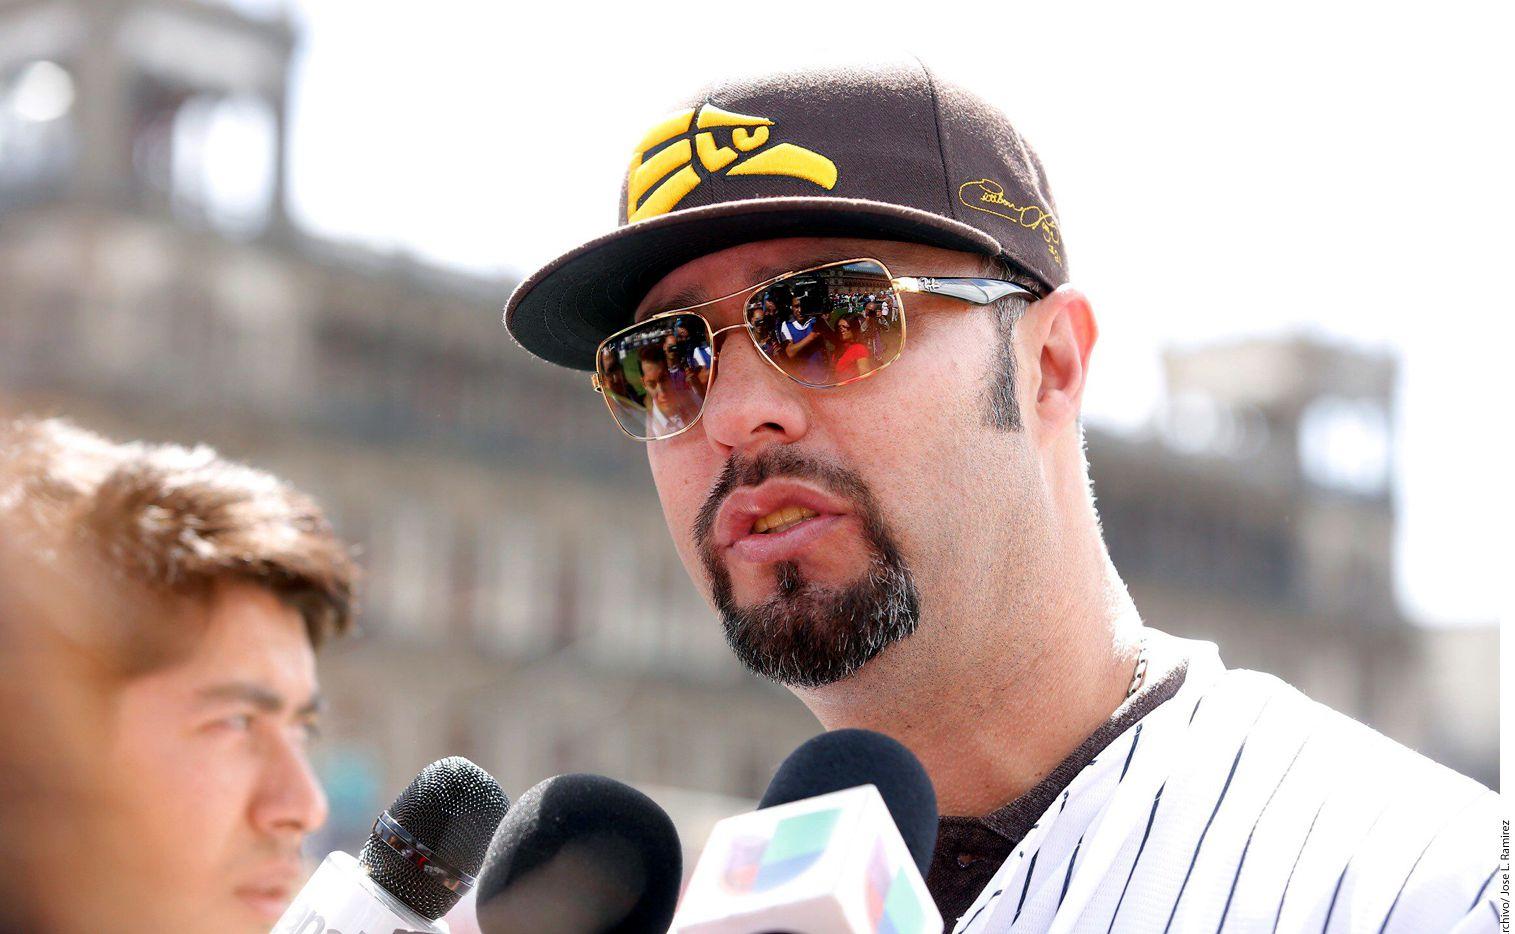 El ex beisbolista mexicano Esteban Loaiza comparecerá otra vez el 5 de abril, previo al juicio./ AGENCIA REFORMA